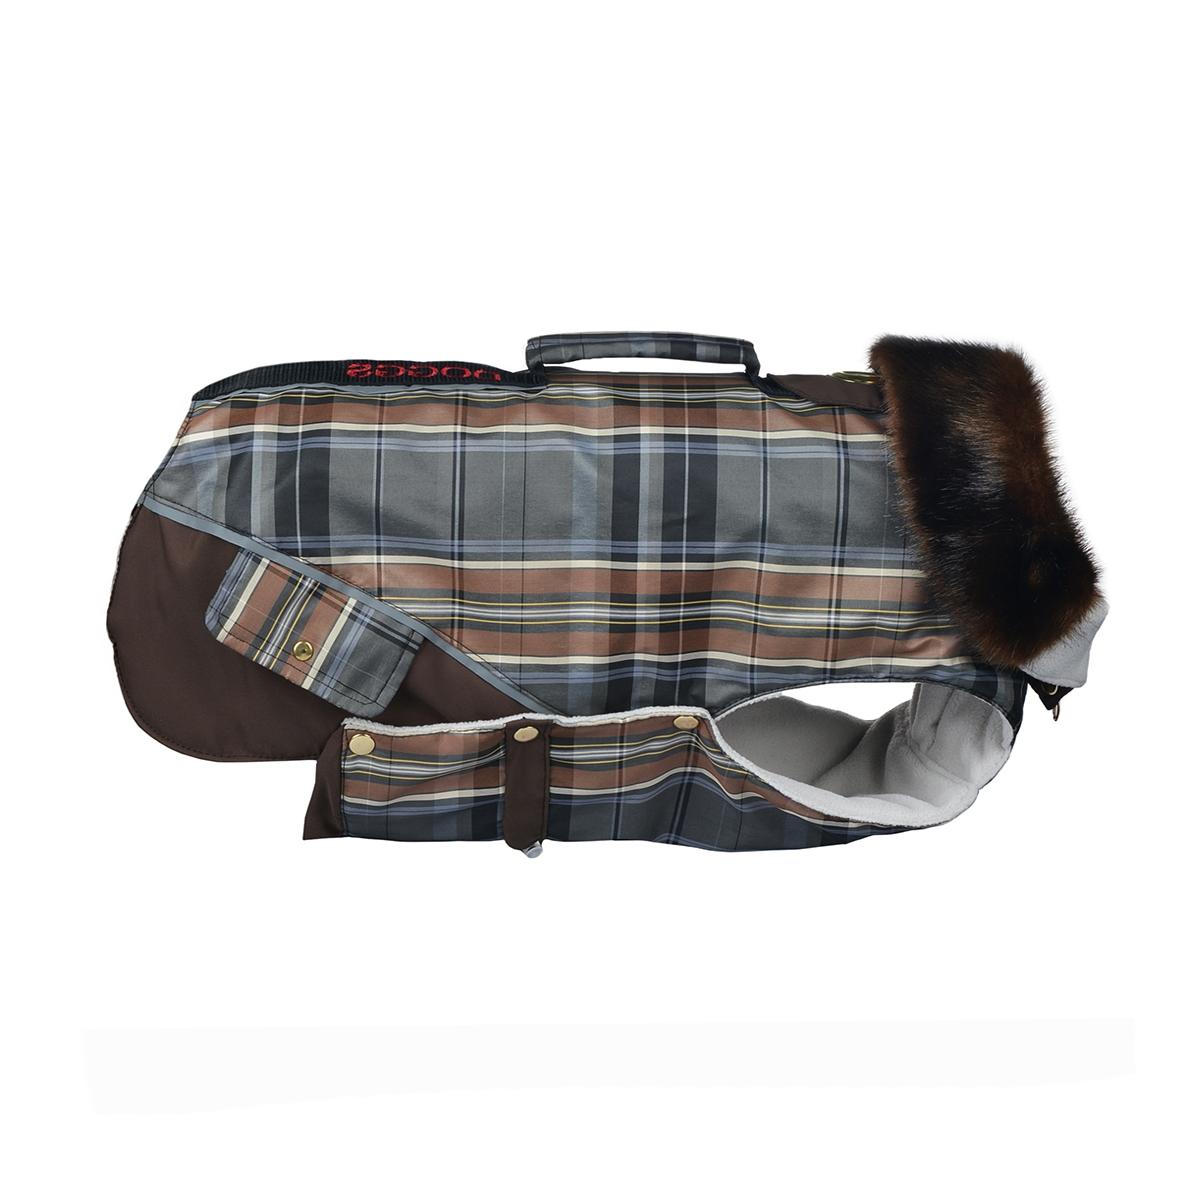 Попона для собак Dogmoda Doggs, для девочки, цвет: коричневый. Размер XL0120710Теплая попона для собак Dogmoda Doggs отлично подойдет для прогулок в холодное время года. Попона изготовлена из водоотталкивающего полиэстера, защищающего от ветра и осадков. Синтепоновый утеплитель сохранит тепло даже в сильные морозы и обеспечит уют во время зимних прогулок. На подкладке используется флис, который обеспечивает воздухообмен. Попона не имеет рукавов, поэтому не ограничивает свободу движений, и собака будет чувствовать себя в ней комфортно. Стильный меховой воротник-стойка на молнии всегда будет обращать на себя восторженное внимание других владельцев собак. Модель застегивается на кнопки. На животе попона затягивается на шнурок-кулиску с зажимом. Спинка декорирована вышитой надписью Doggs, оснащена светоотражающими элементами и ручкой. Модель снабжена непромокаемым карманом для размещения записки с информацией о вашем питомце, на случай если он потеряется. Благодаря такой попоне питомцу будет тепло и комфортно.